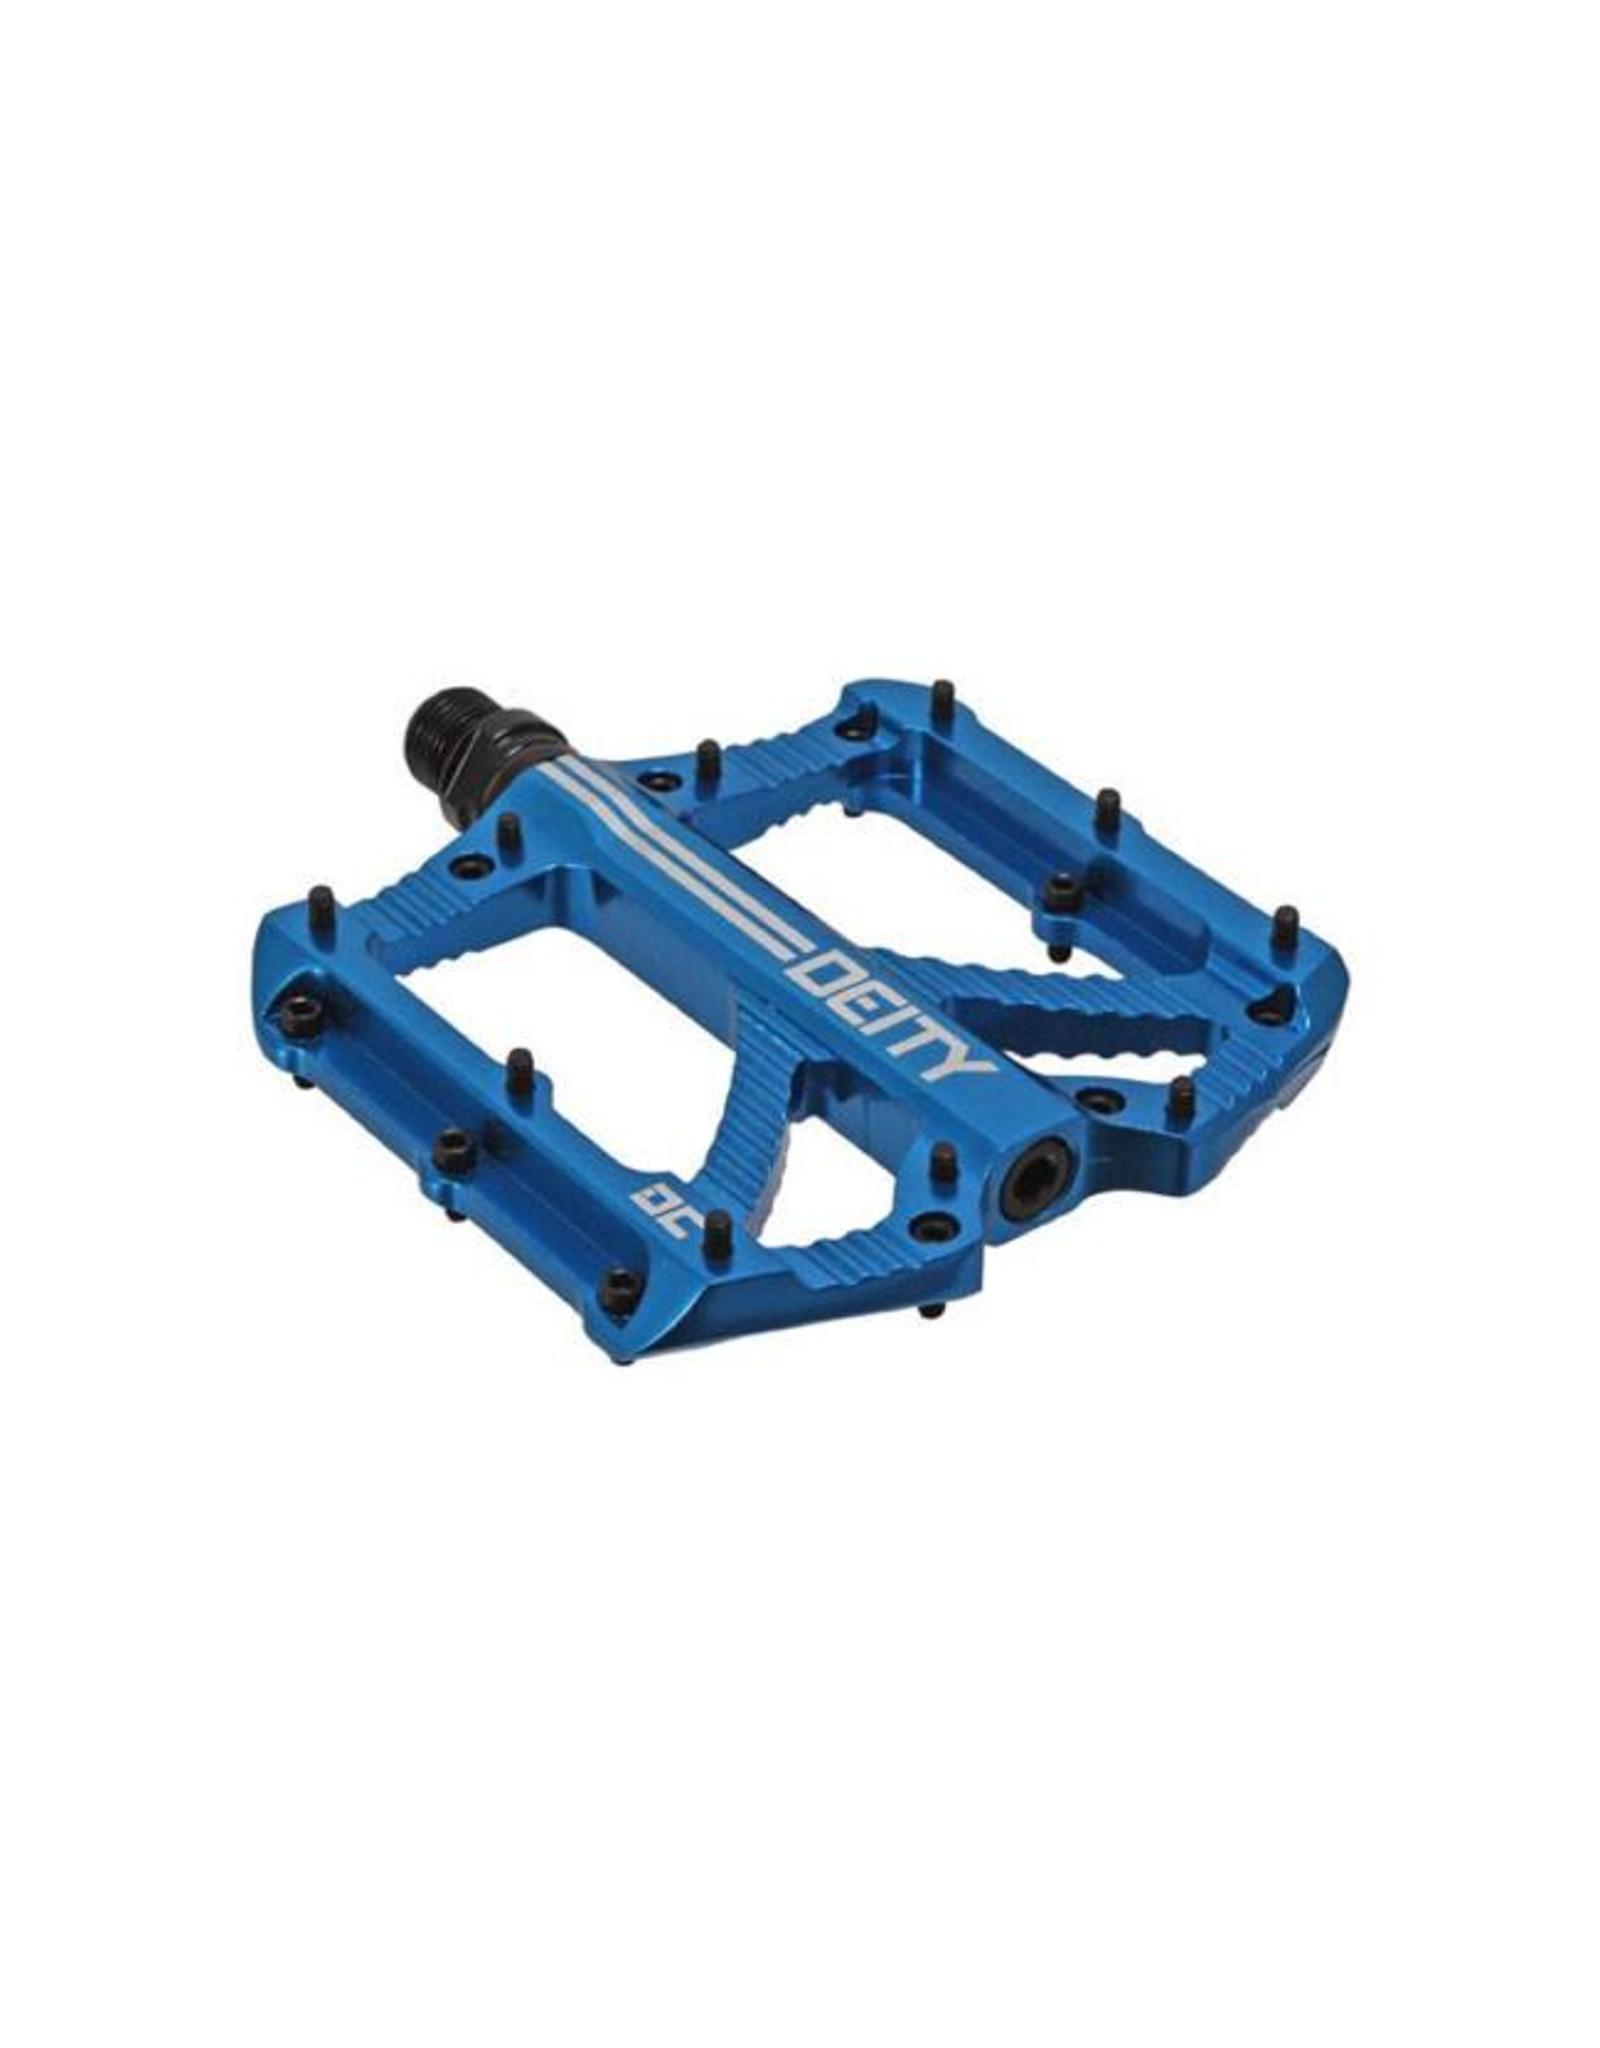 Deity Components Deity Bladerunner Pedals: Blue/Laser Graphics